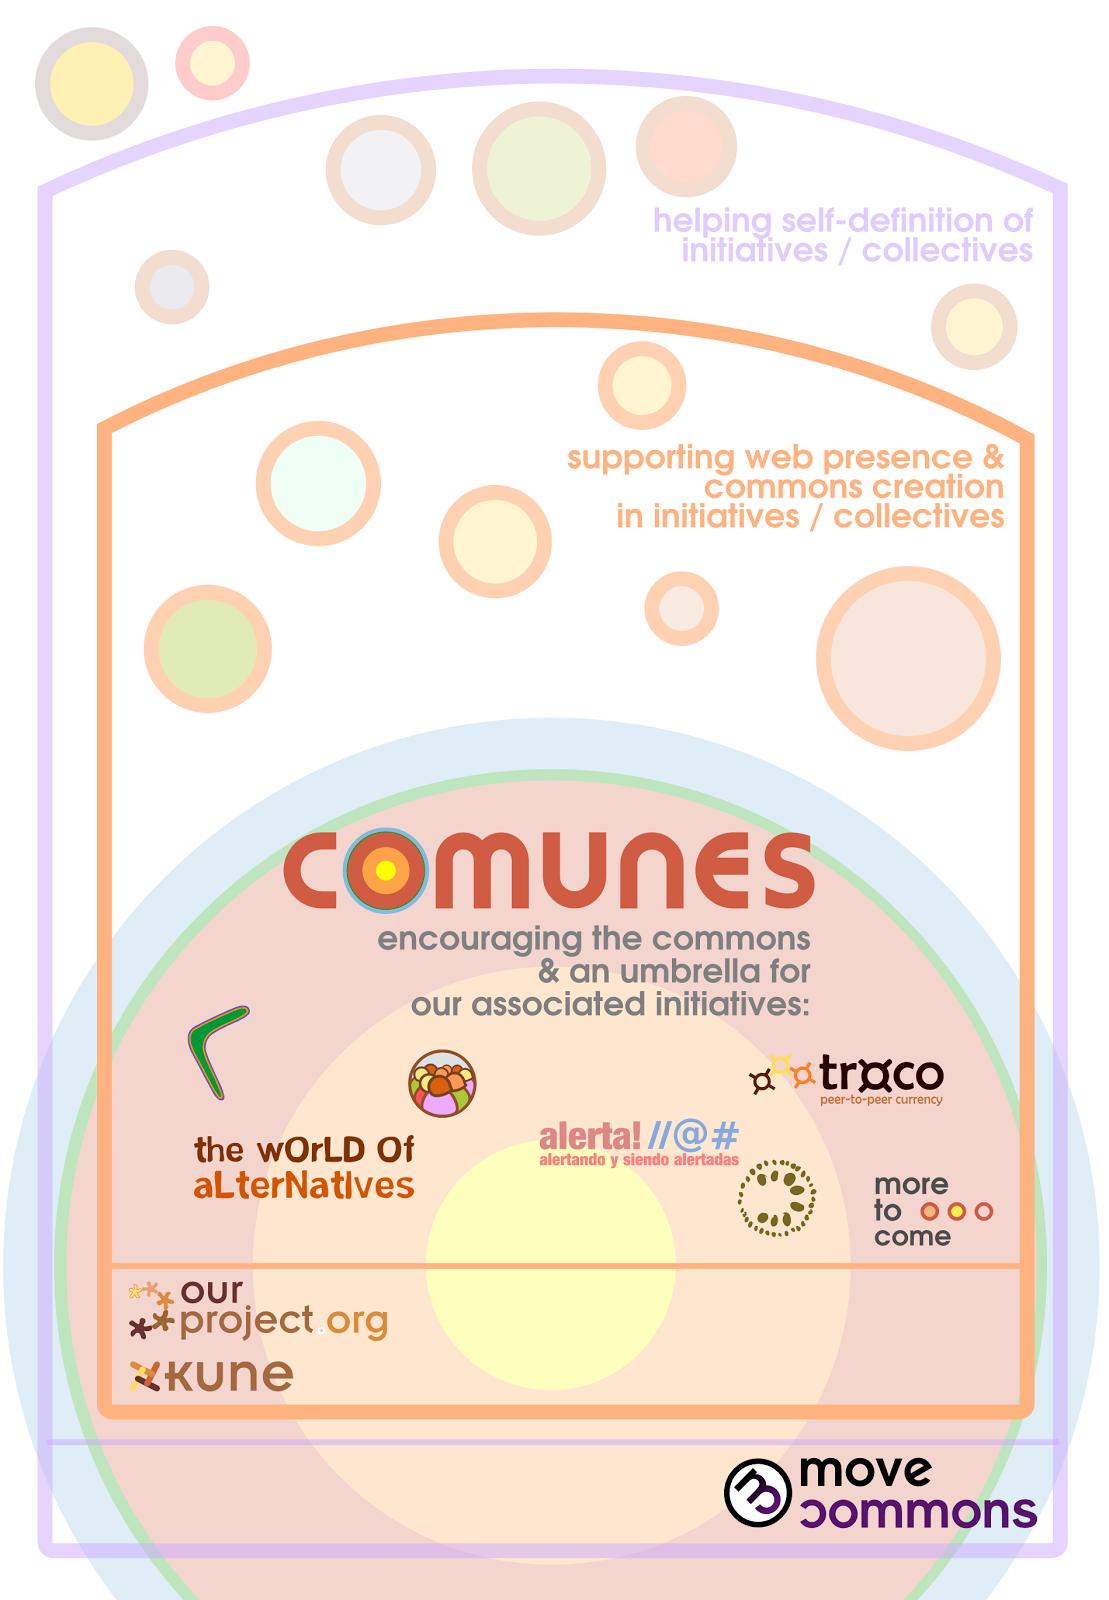 Ecosistema de Comunes